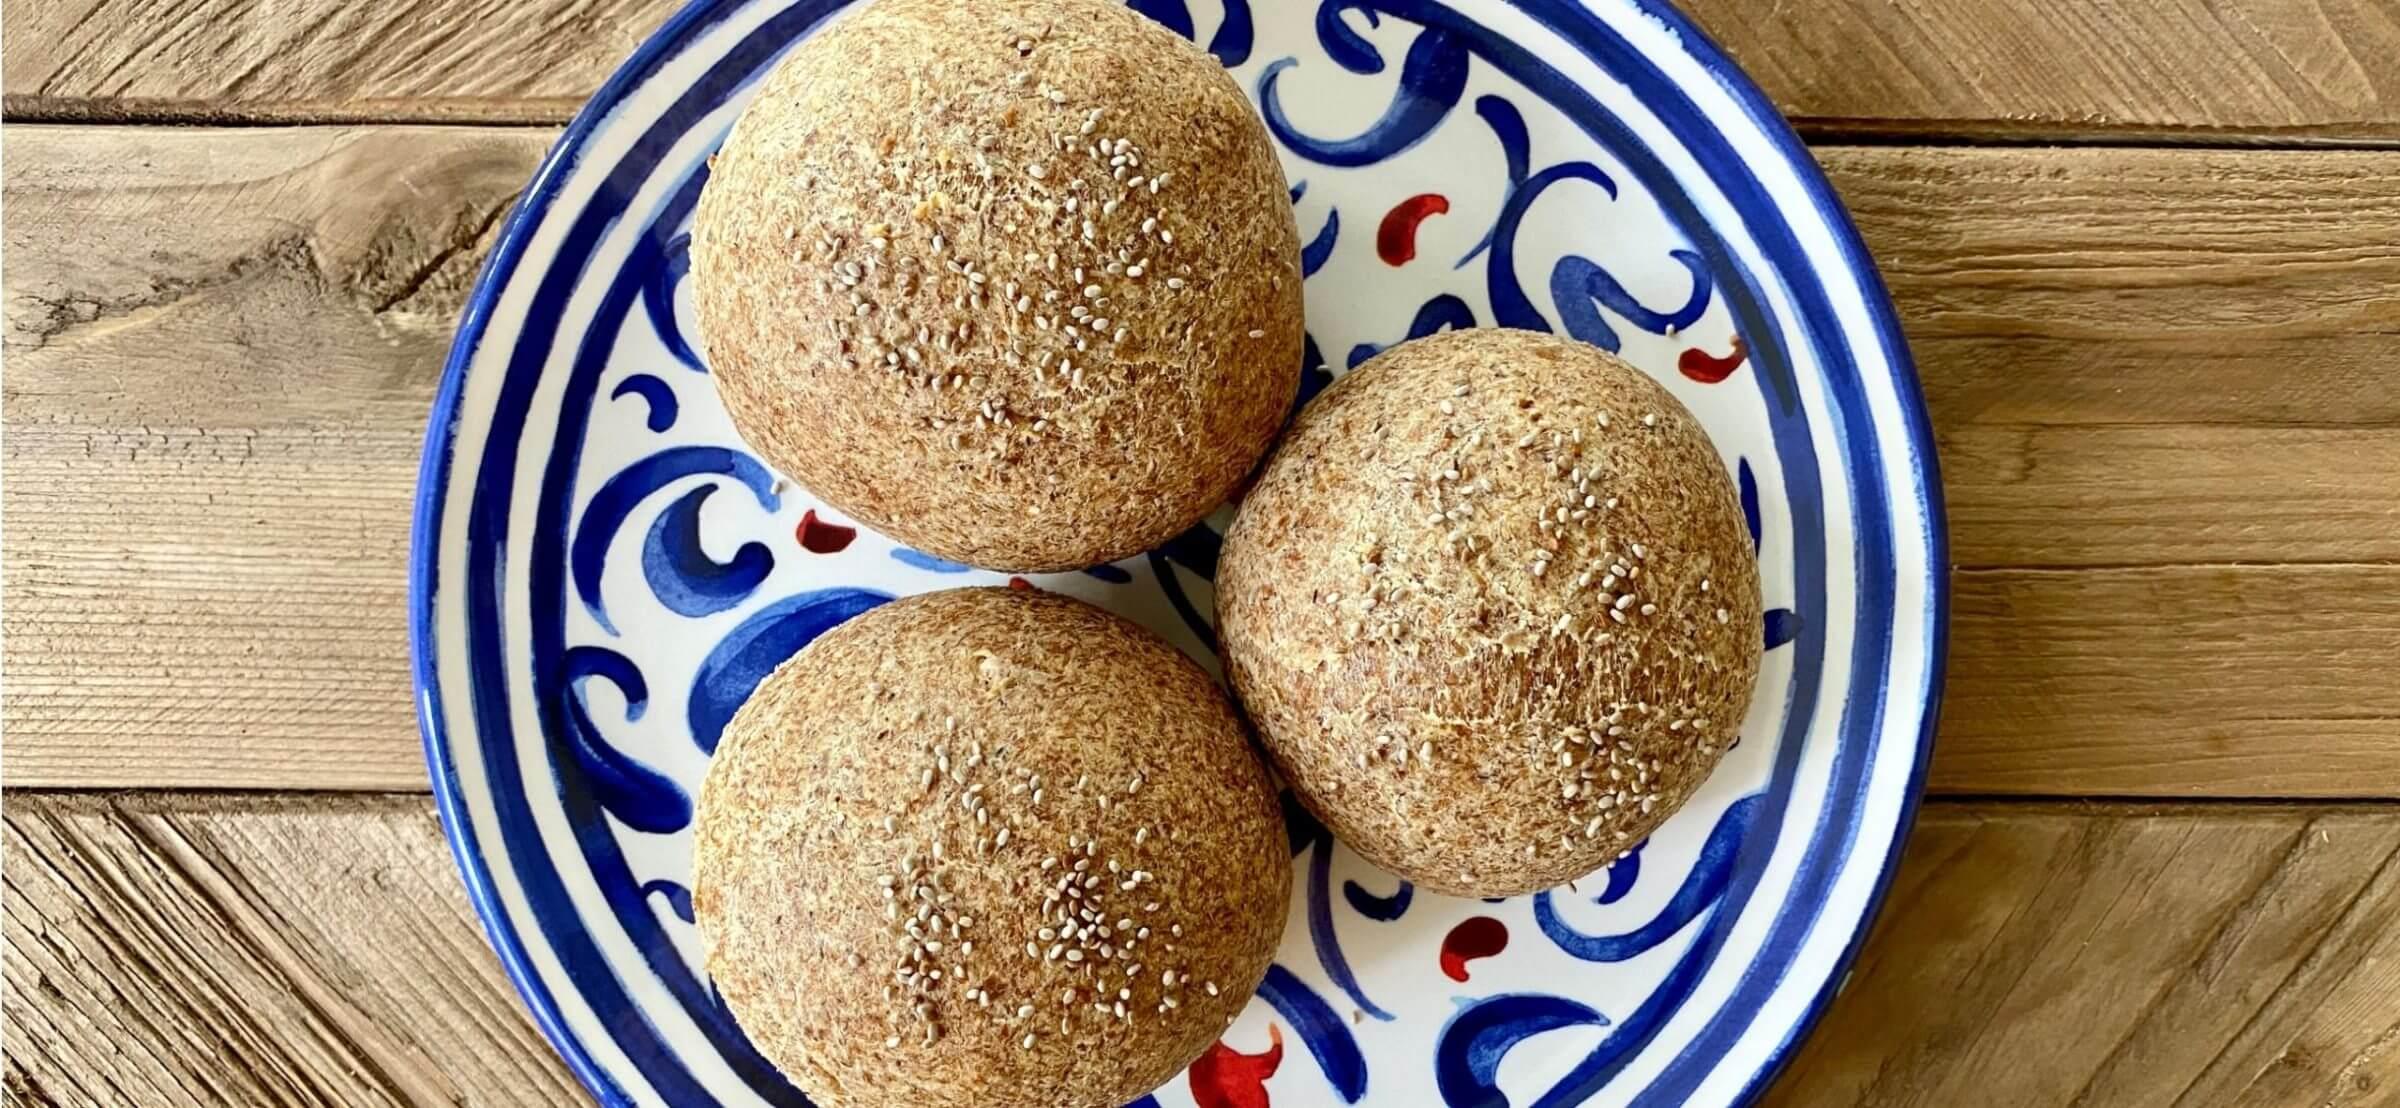 keto bread rolls recipe